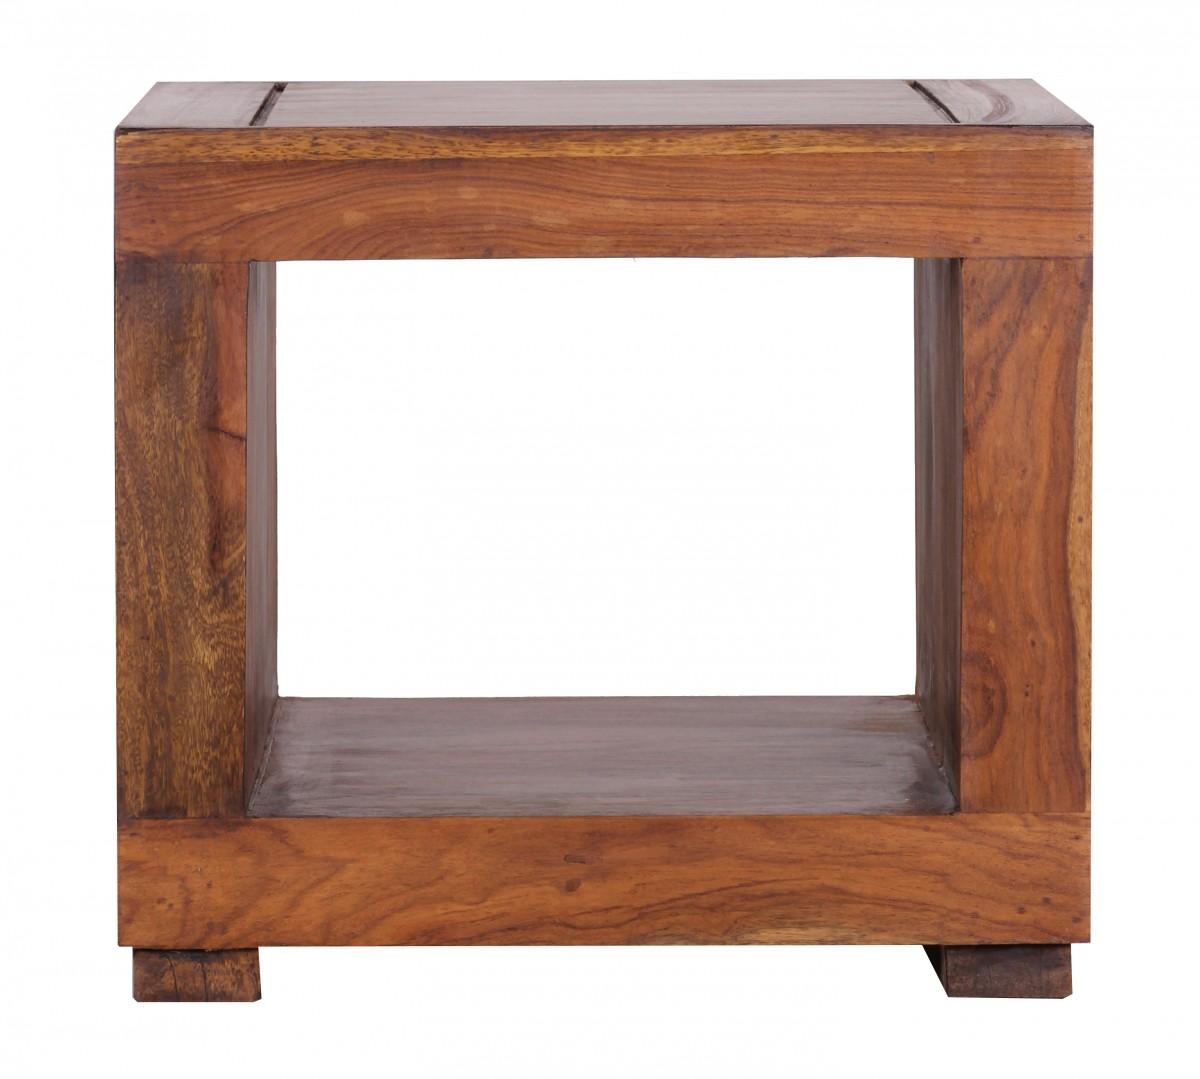 wohnling couchtisch massiv holz sheesham 50 cm breit wohnzimmer tisch design dunkel braun. Black Bedroom Furniture Sets. Home Design Ideas